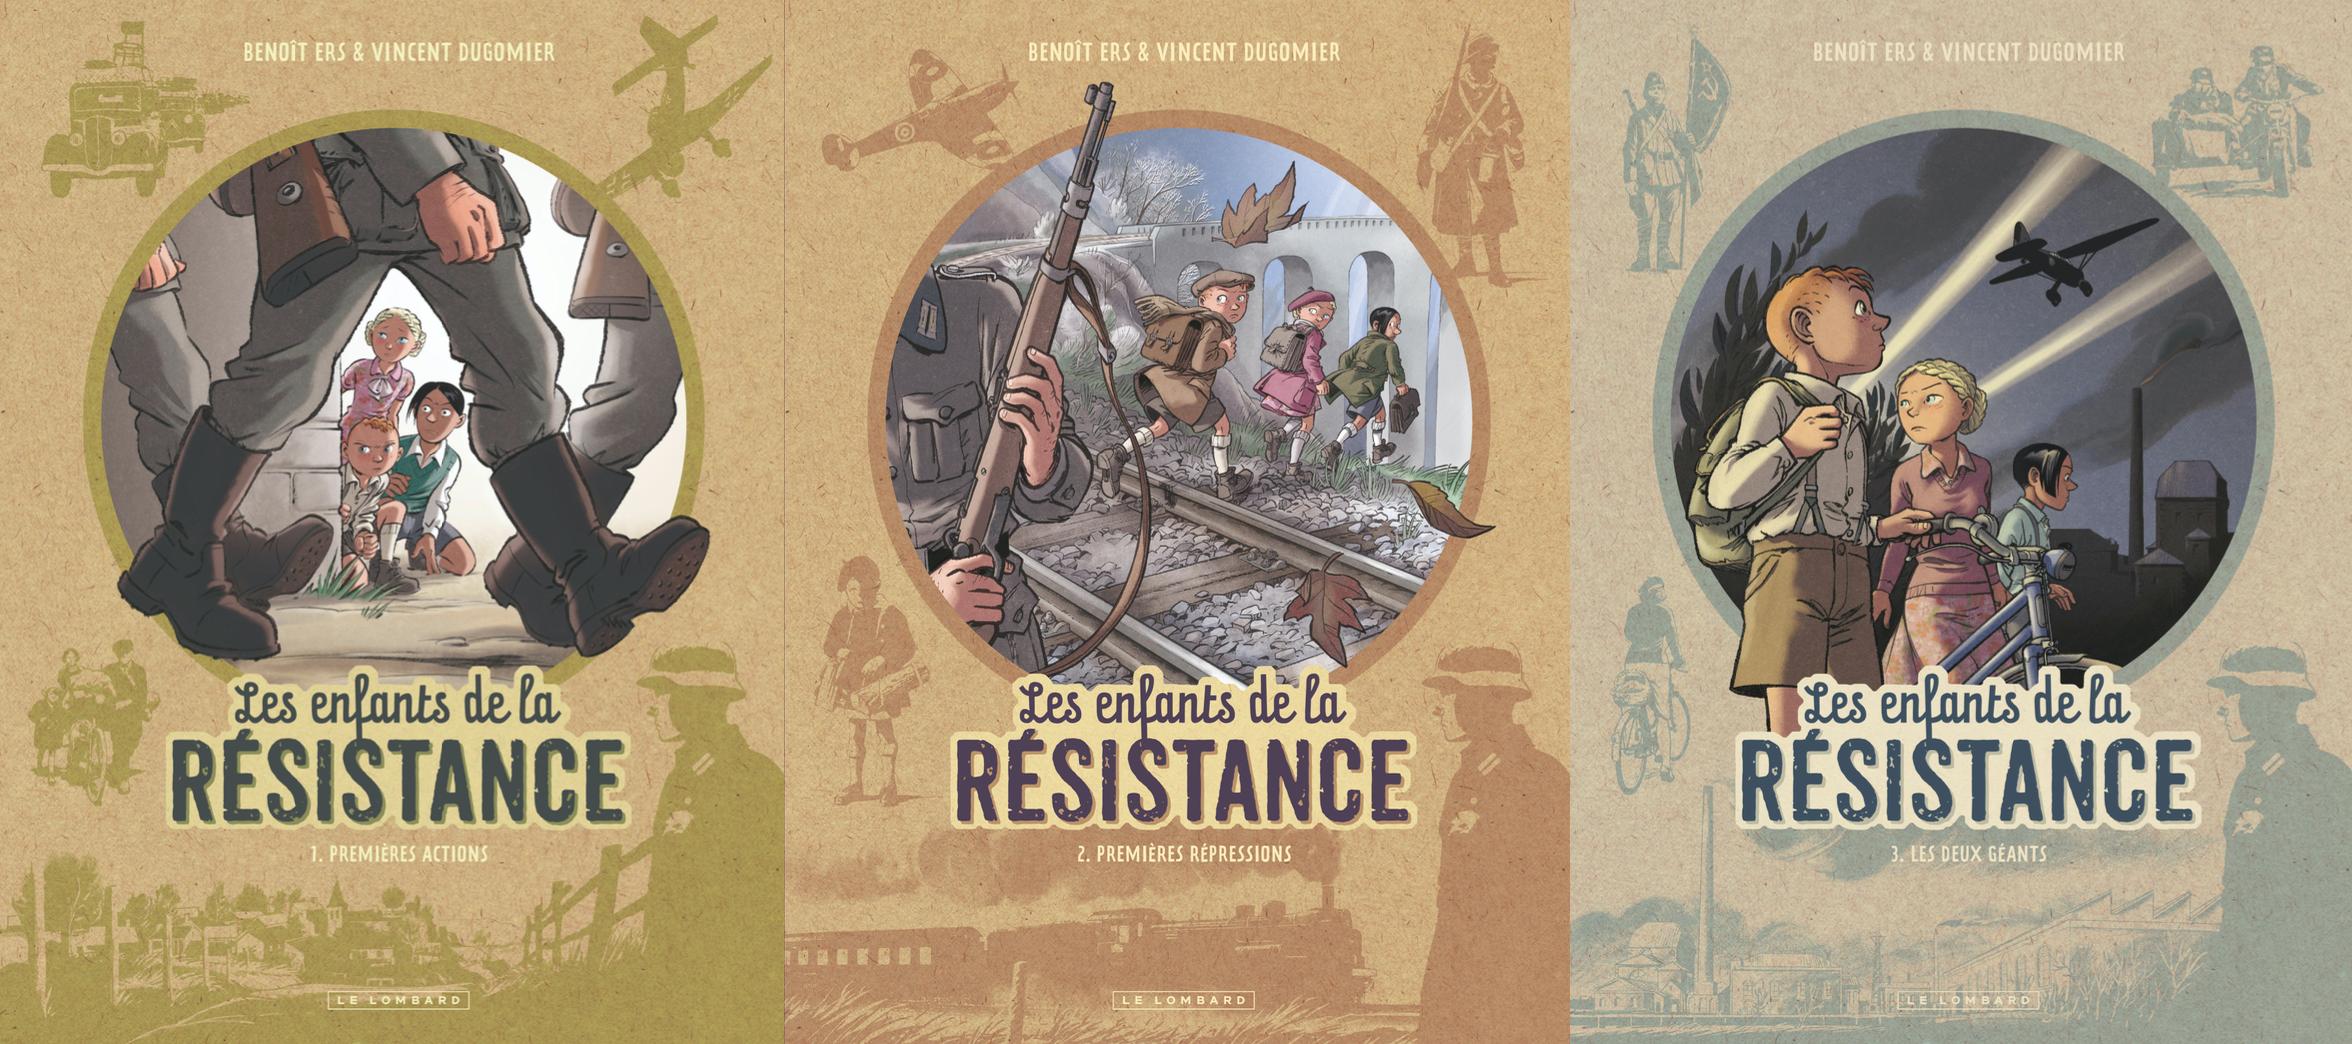 Dédicace de Vincent Dugomier, scénariste des Enfants de la résistance, à MaquiStory